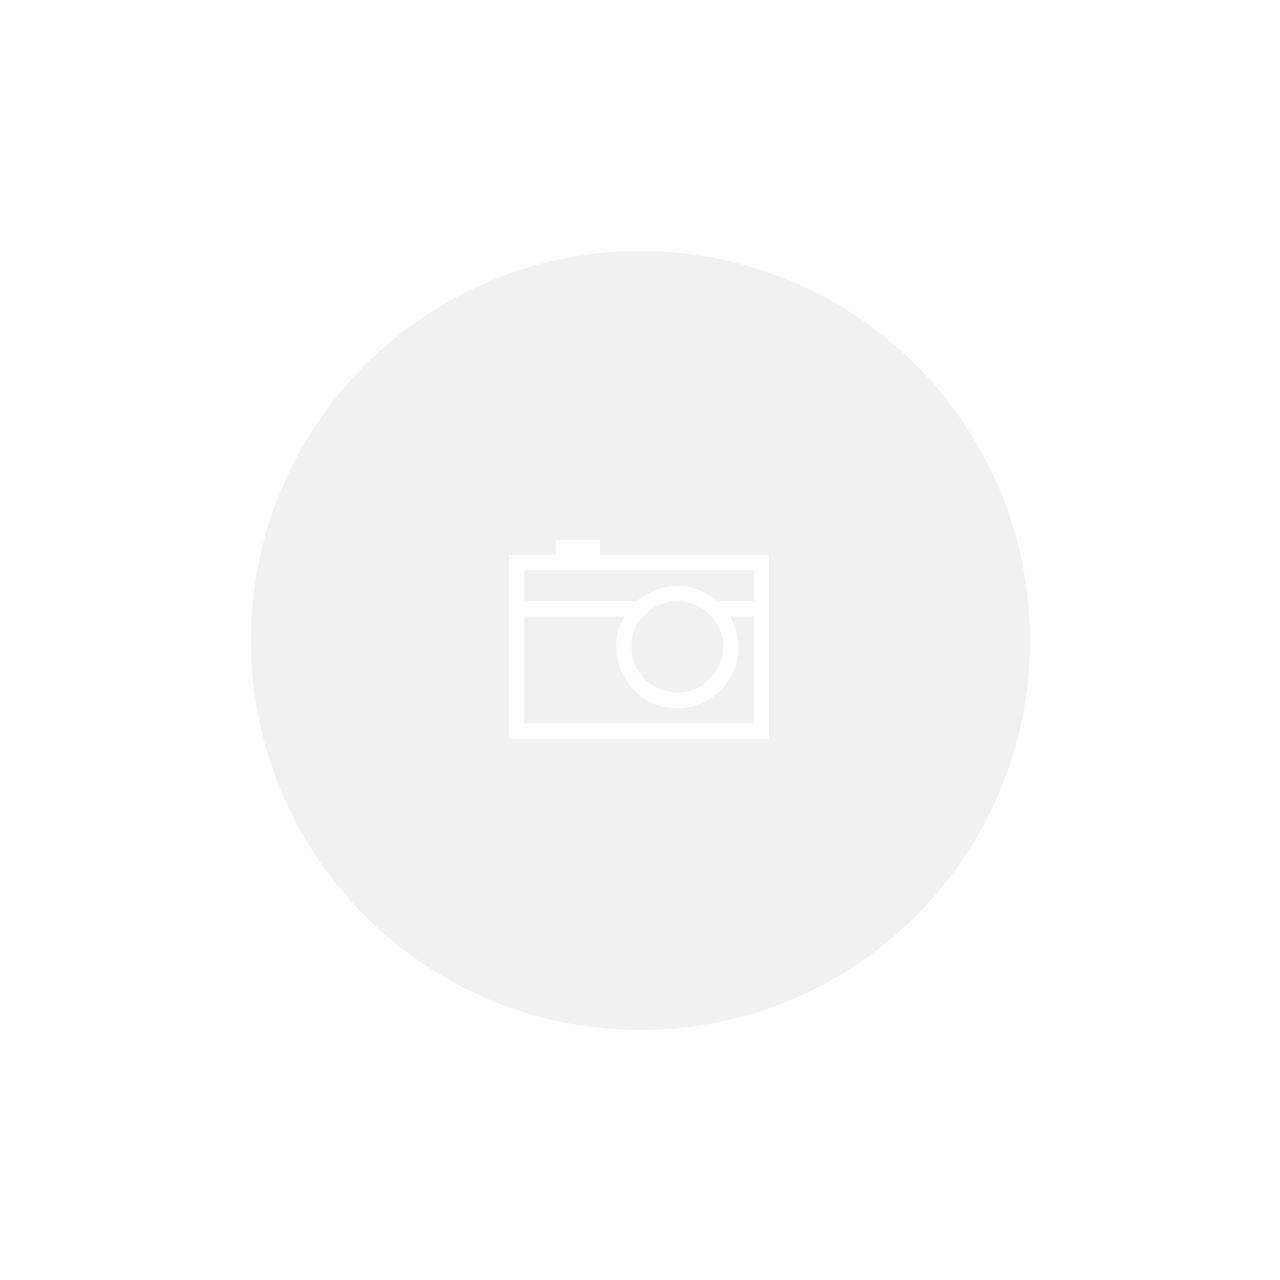 TRAVA THULE SUP. RIDE ON 9502/9503 E HANG ON 972/974 (957)